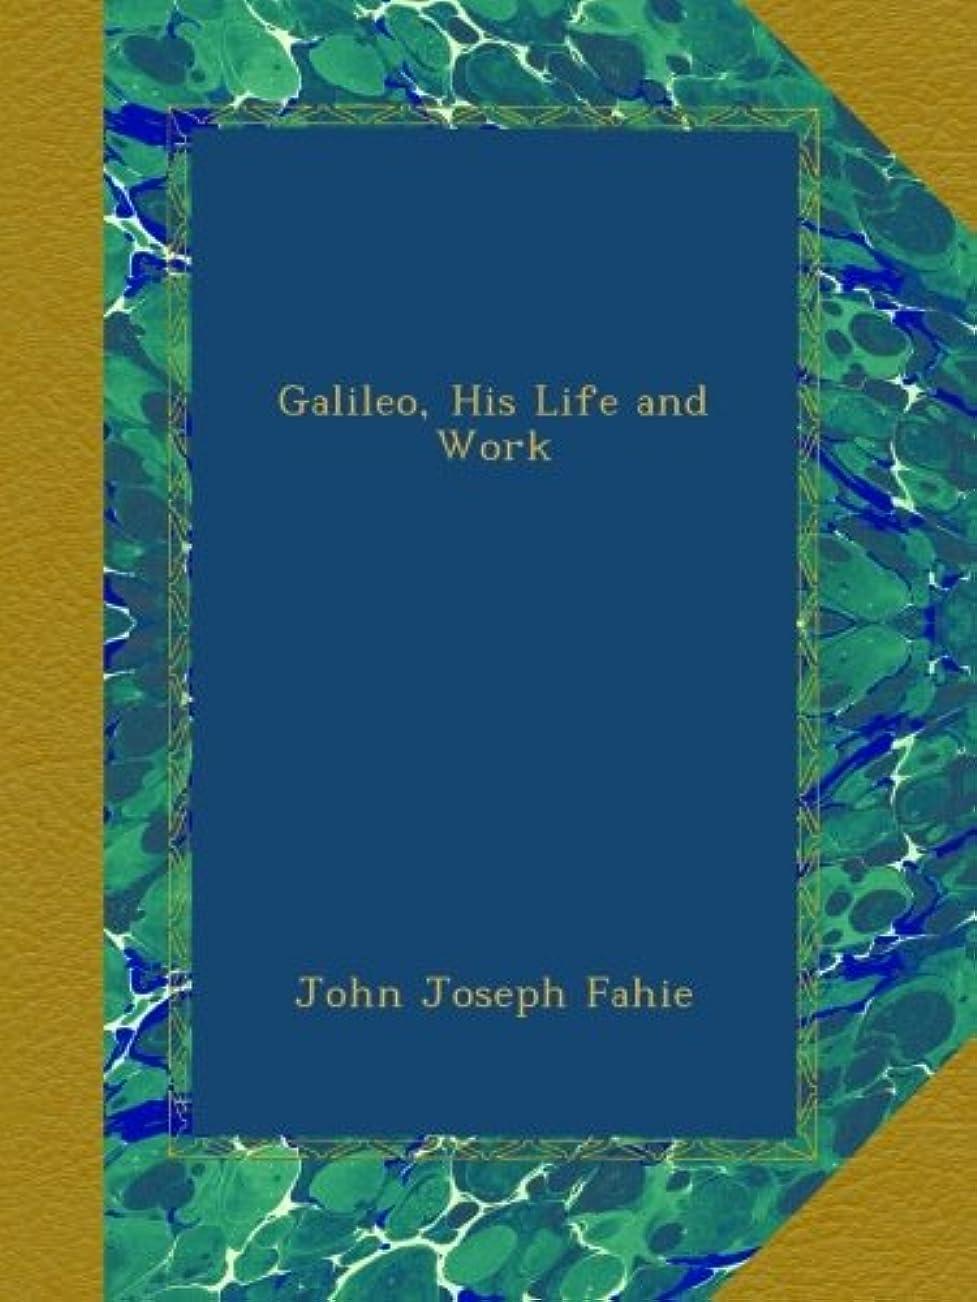 懇願する倫理コスチュームGalileo, His Life and Work